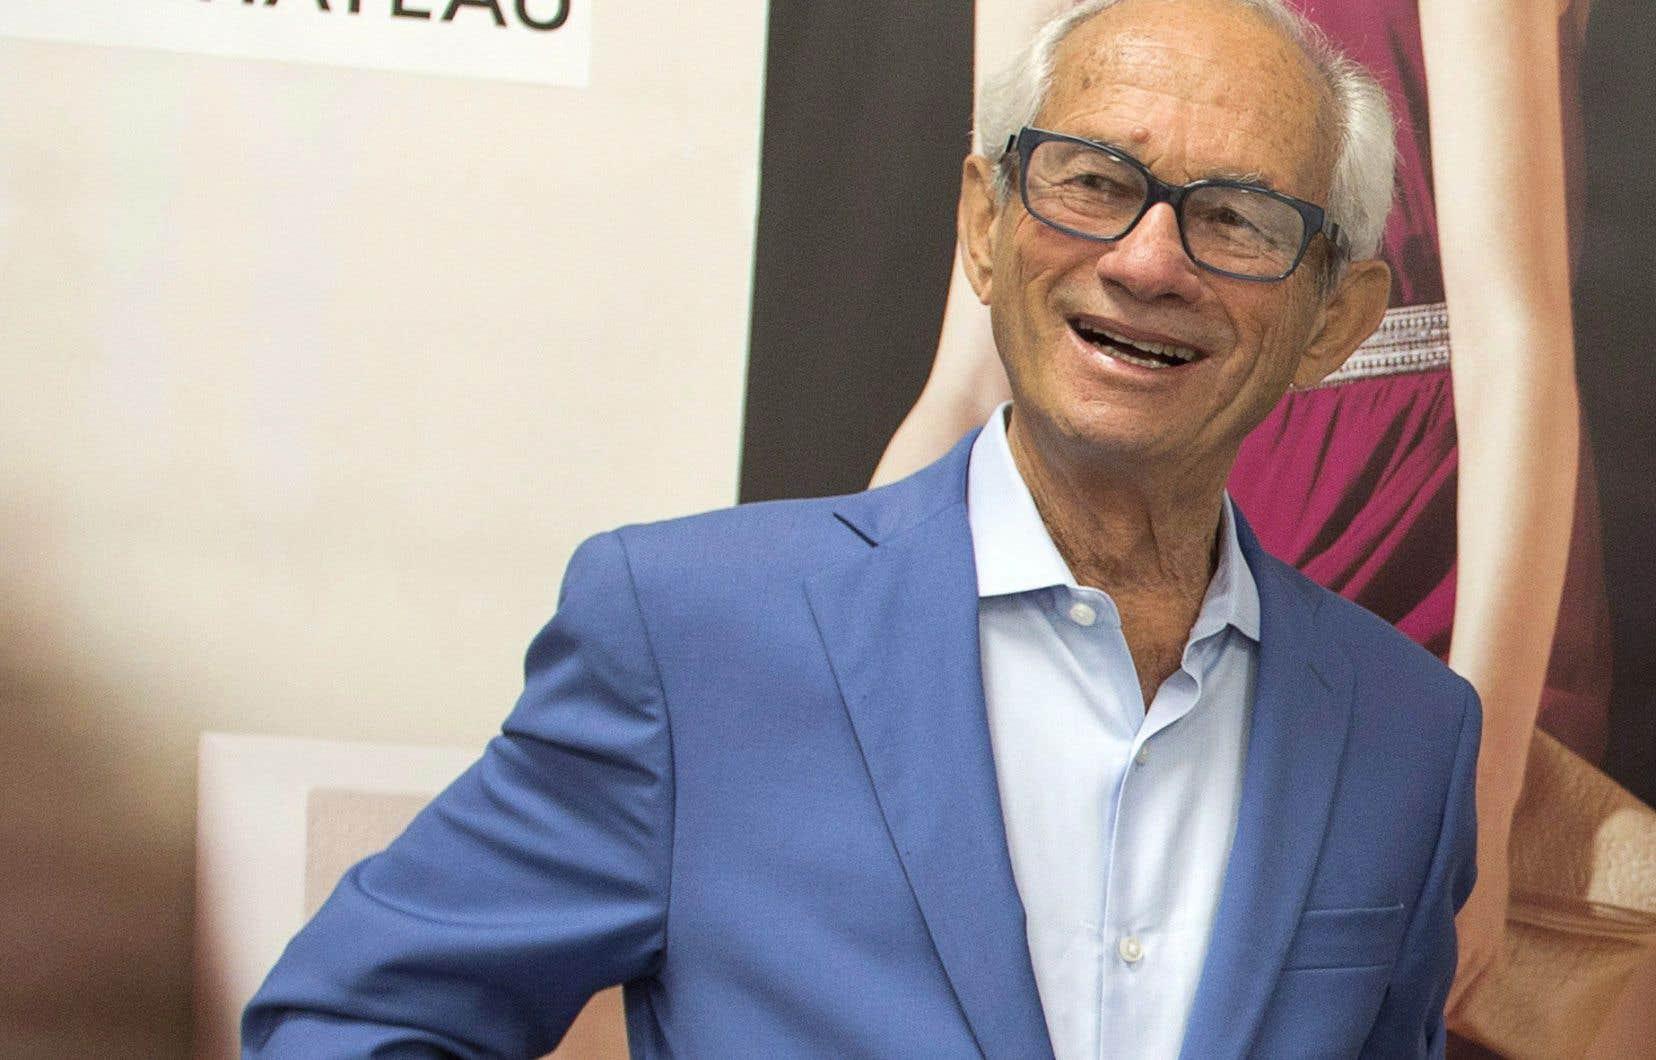 L'équipe de M.Segal, qui est également le plus important actionnaire du marchand de thé, a reçu l'appui de 54% des actionnaires de David'sTea.